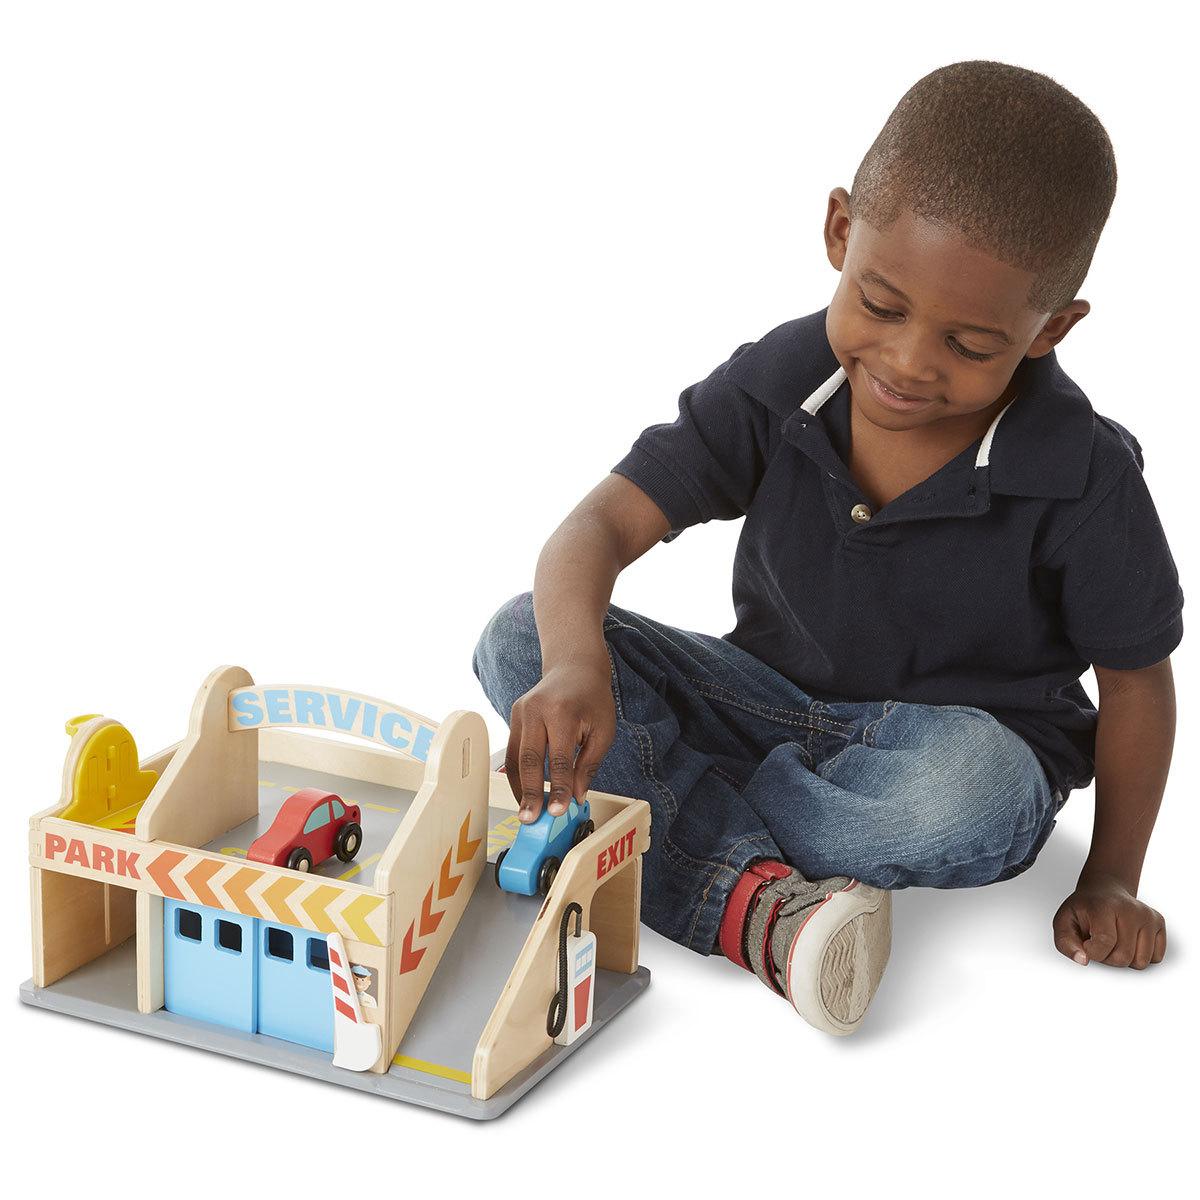 melissa doug station service avec garage mes premiers jouets melissa doug sur l 39 armoire de. Black Bedroom Furniture Sets. Home Design Ideas